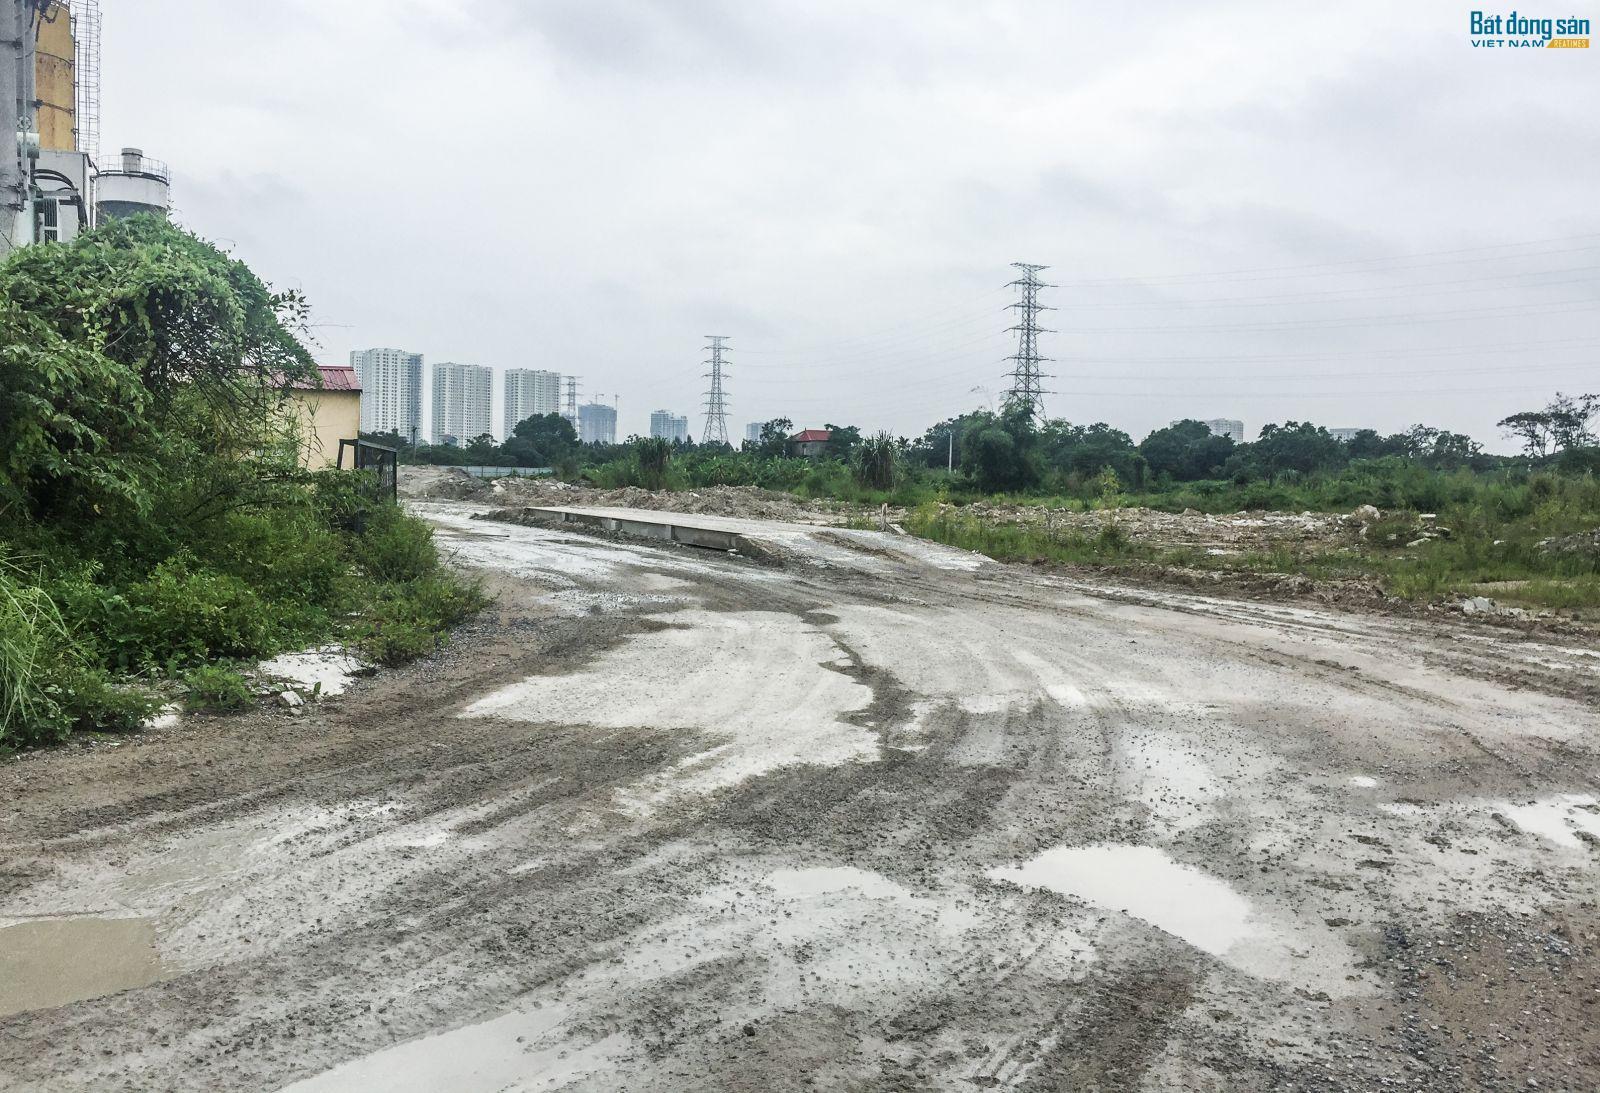 Đến nay, sau hơn 1 thập kỳ, dự án Khu đô thị mới Thịnh Liệt vẫn chỉ là bãi đất trống mọc đầy cỏ dại.